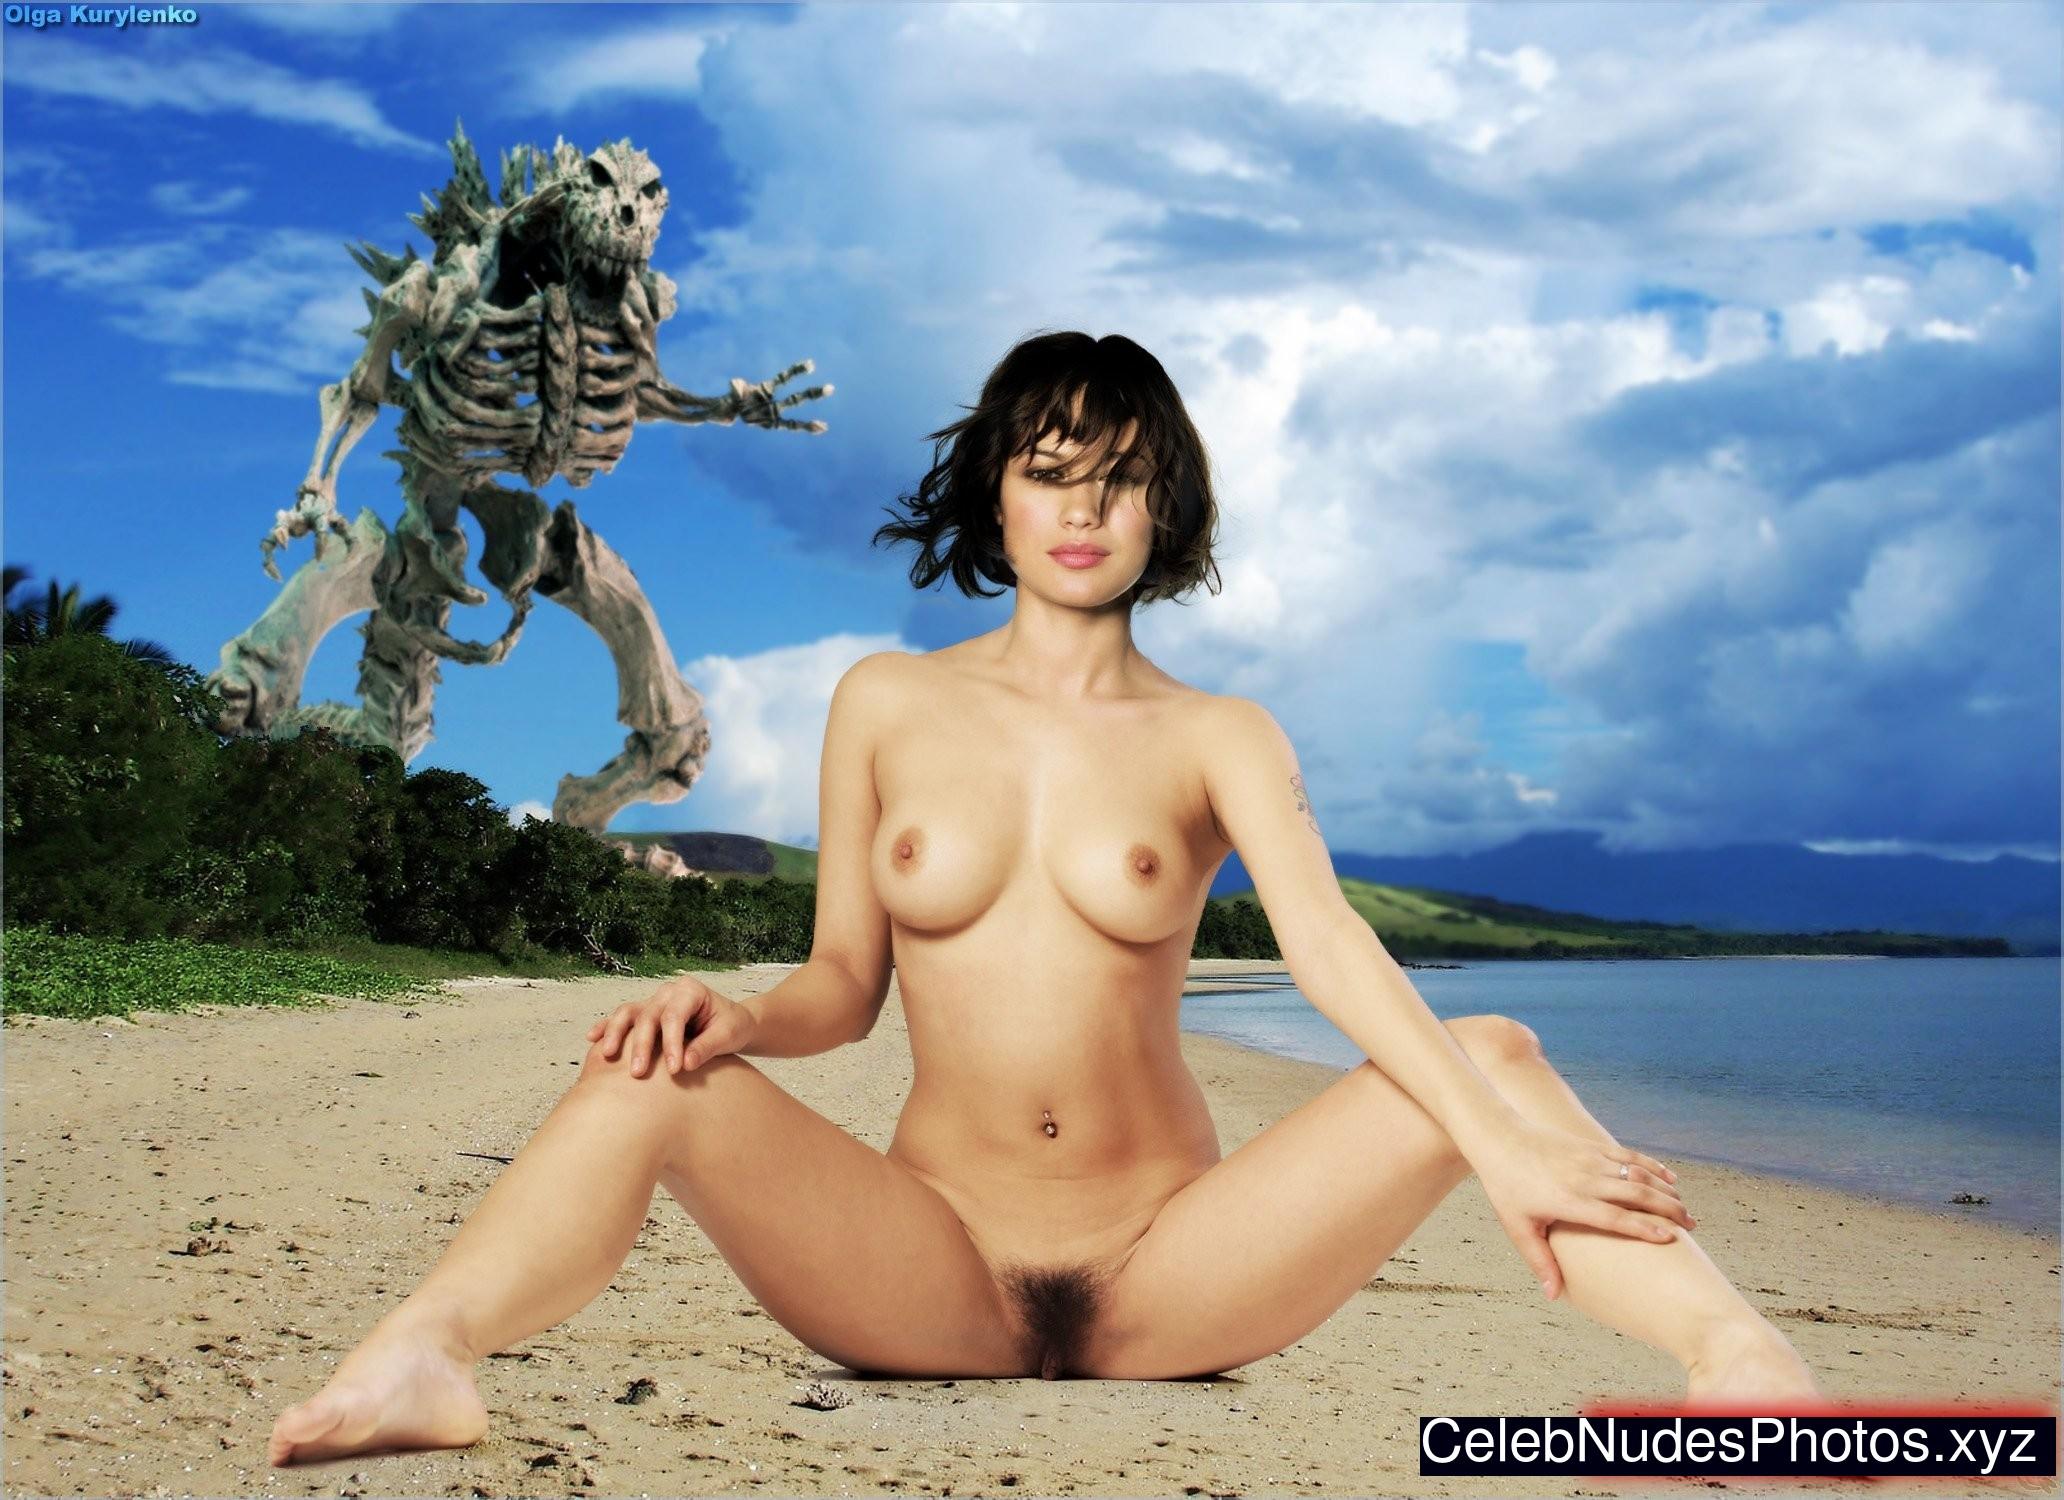 Olga kurylenko naked nude